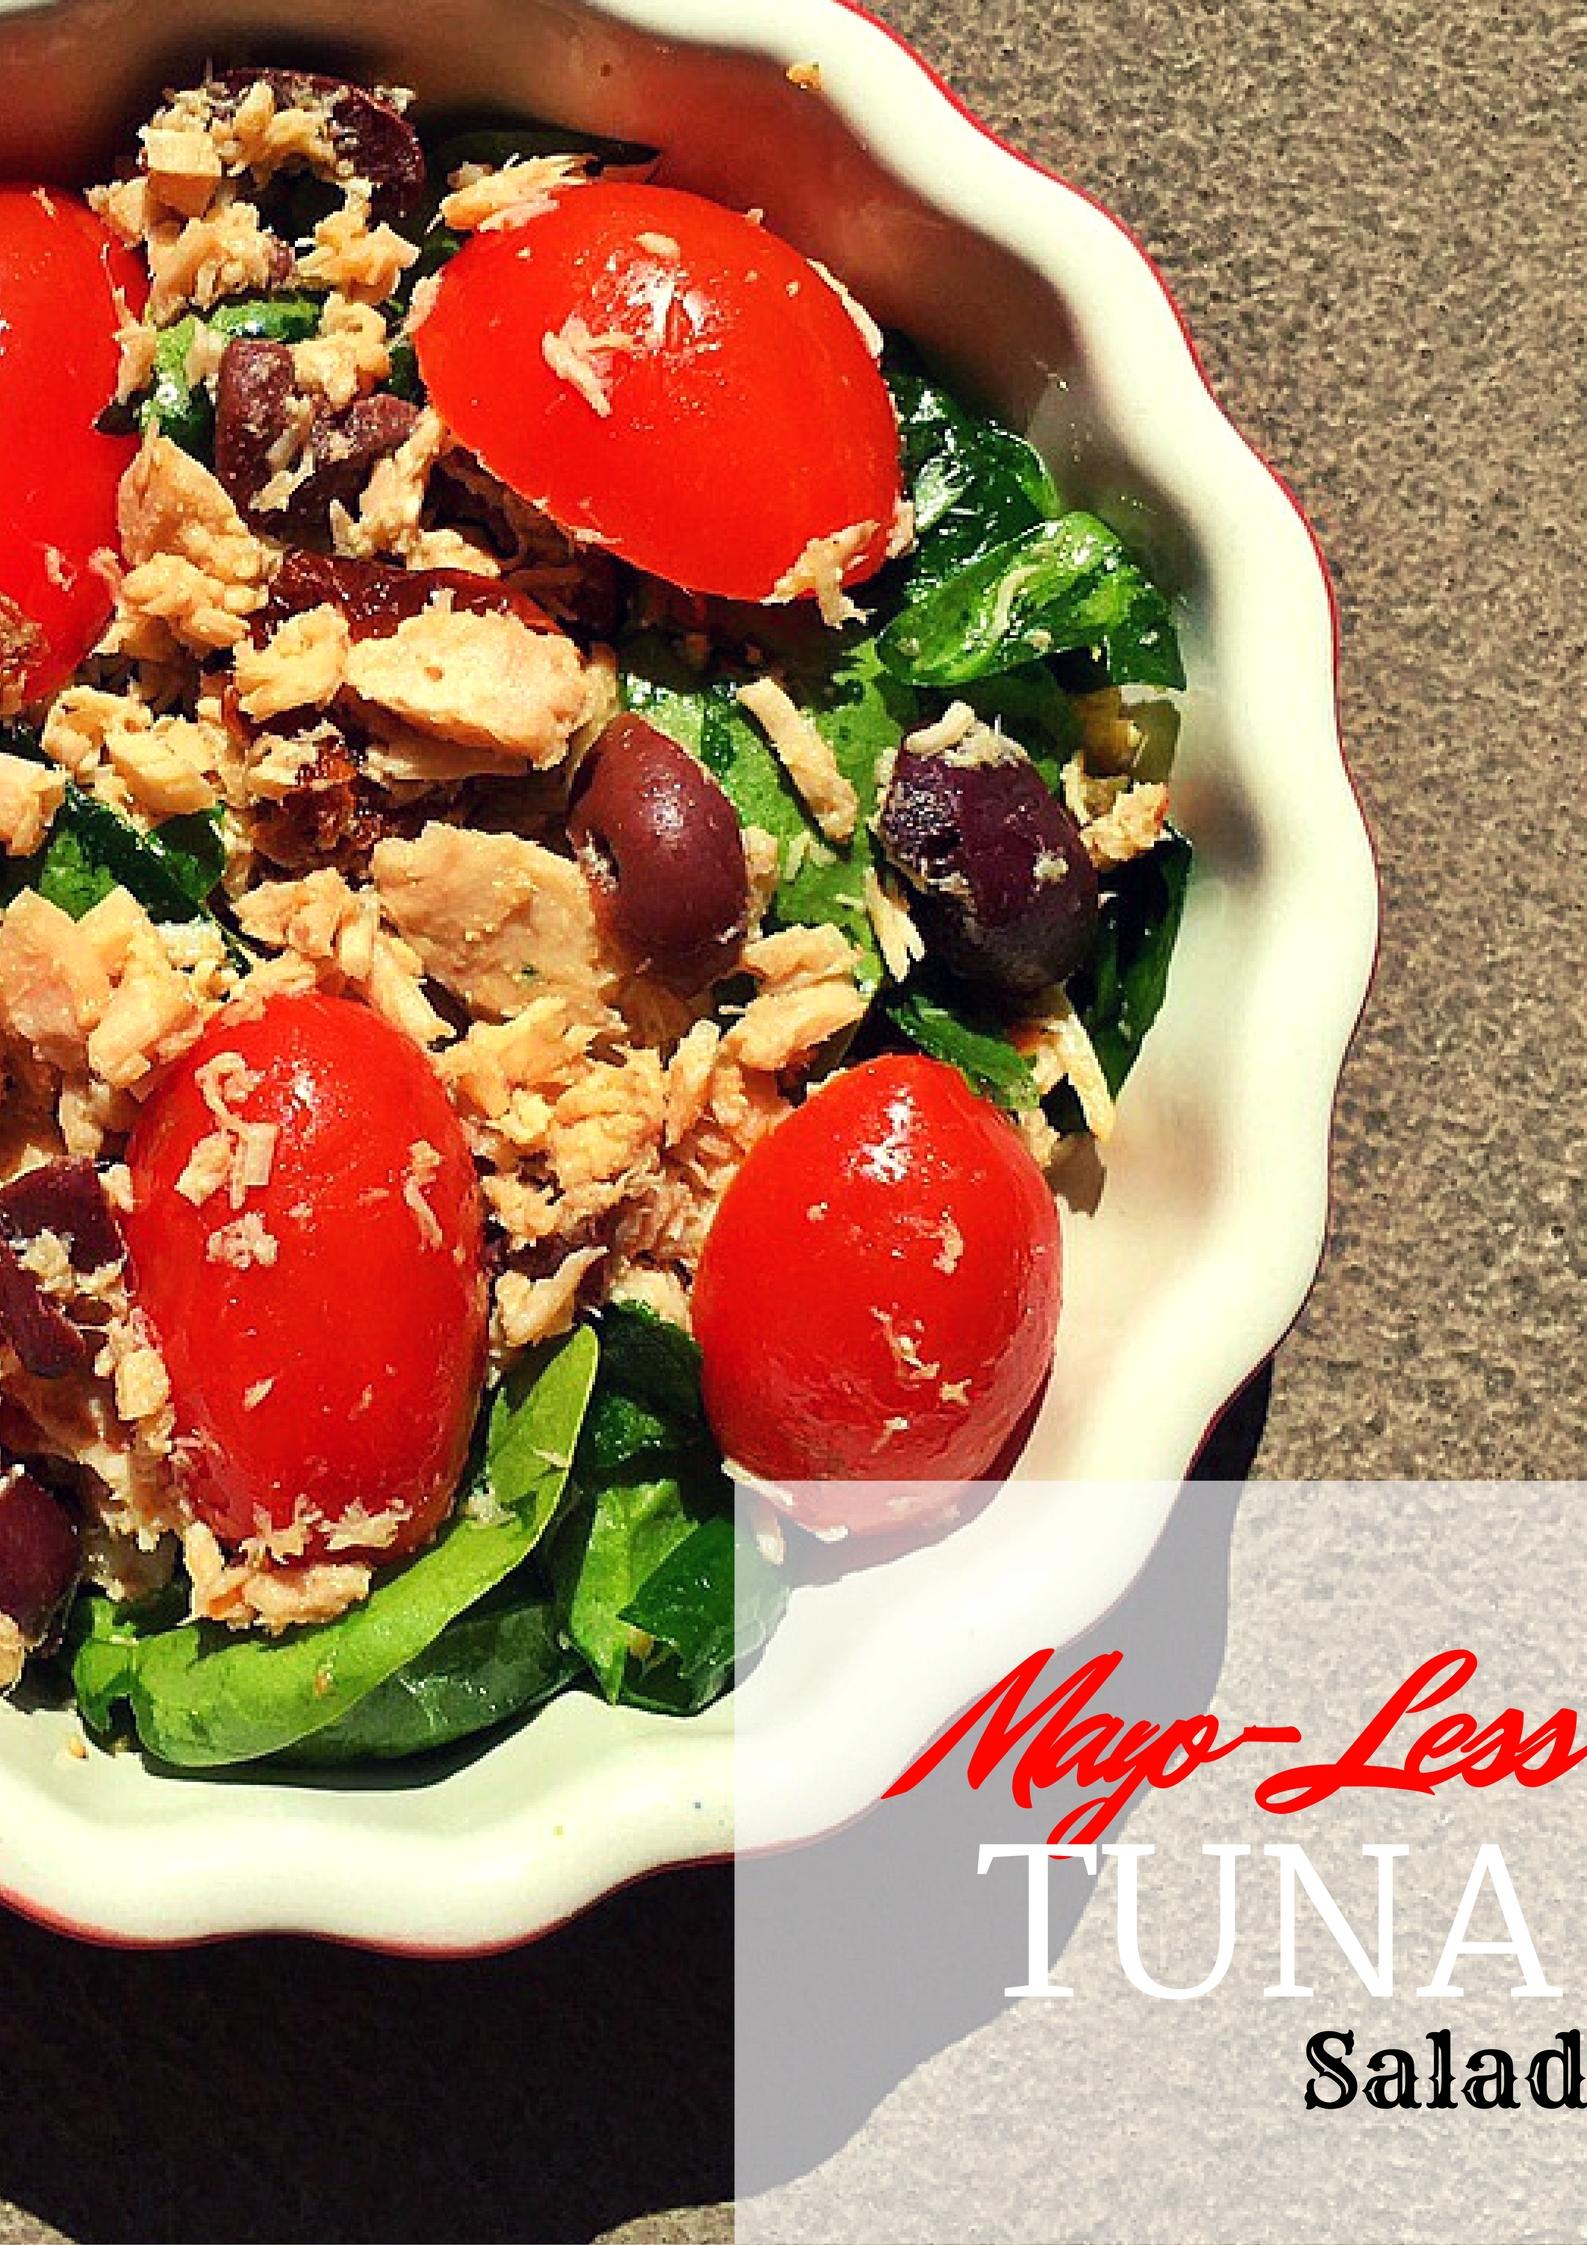 No Mayo Tuna Salad